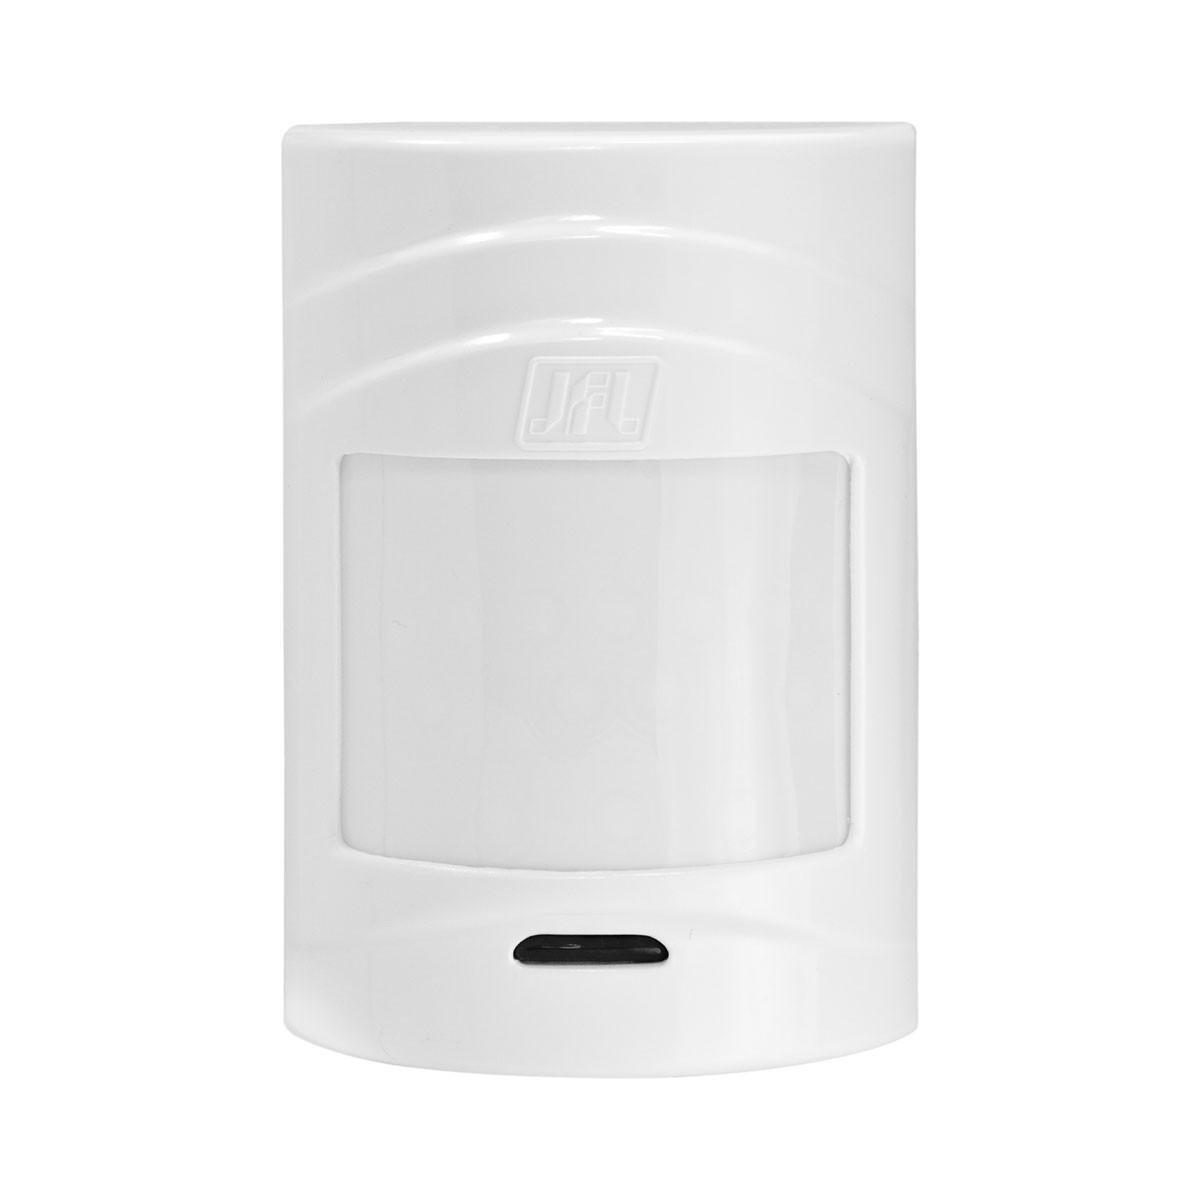 Kit Alarme Residencial Brisa Cell 804 Com Sensores Sem Fio IrPet 530 Sf Jfl